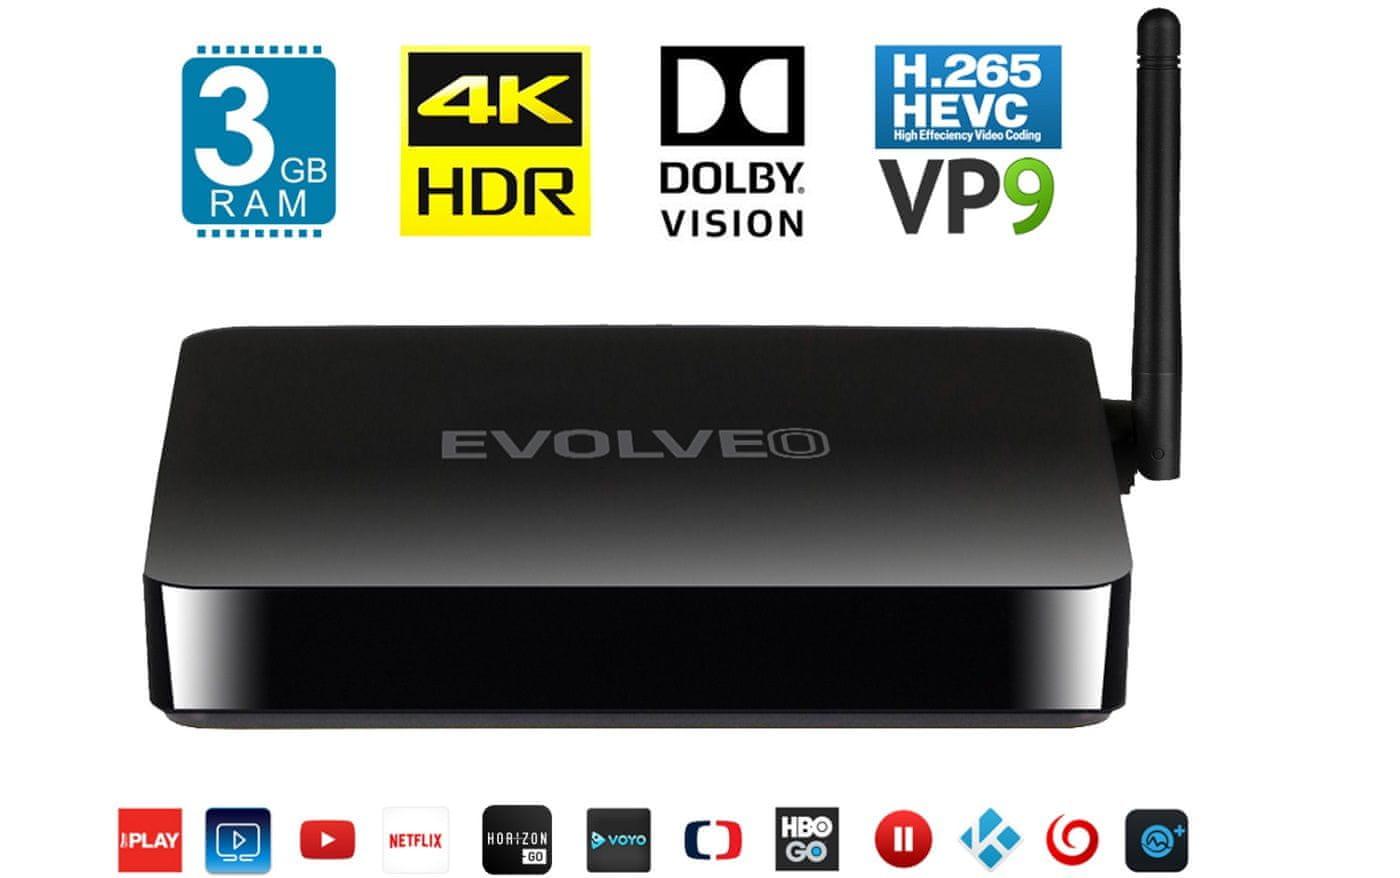 multimediální centrum Evolveo MultimediaBox M8 hdr hlg dolby vision 4k ultra hd osmijádrový procesor